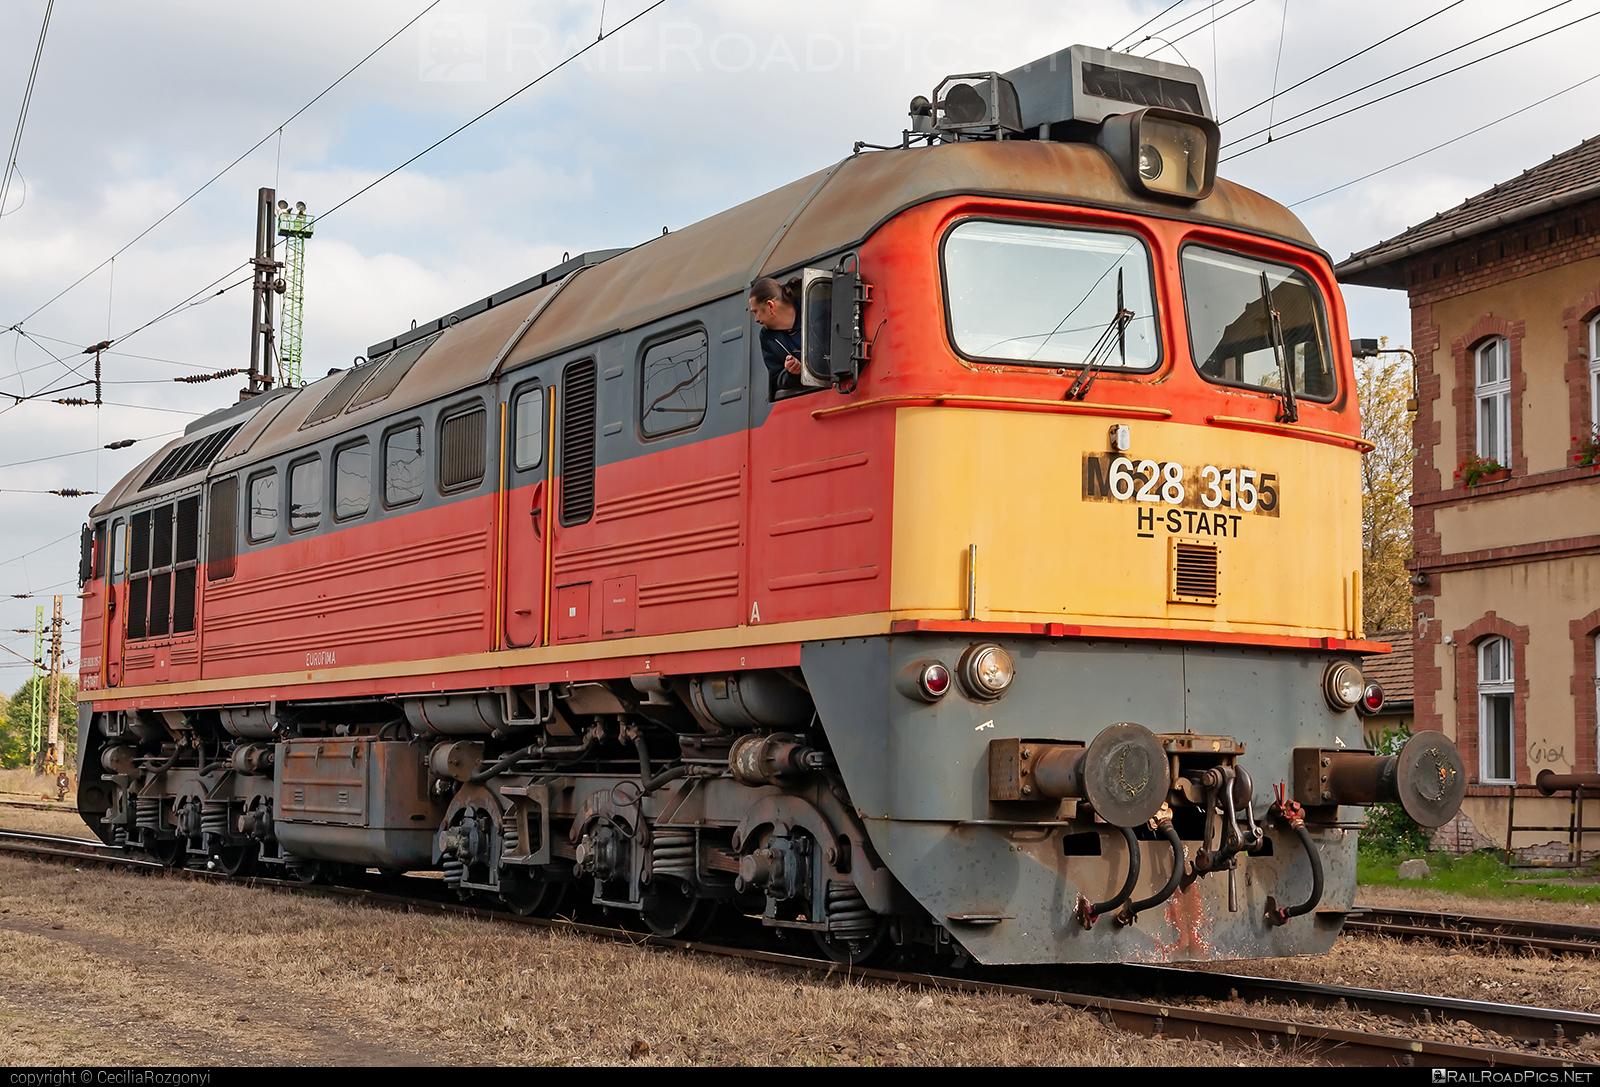 Lugansk M62 - 628 315 operated by MÁV-START ZRt. #locomotivem62 #ltz #ltzm62 #lugansk #luganskteplovoz #luhansklocomotiveworks #luhanskm62 #luhanskteplovoz #m62 #m62locomotive #mavstart #mavstartzrt